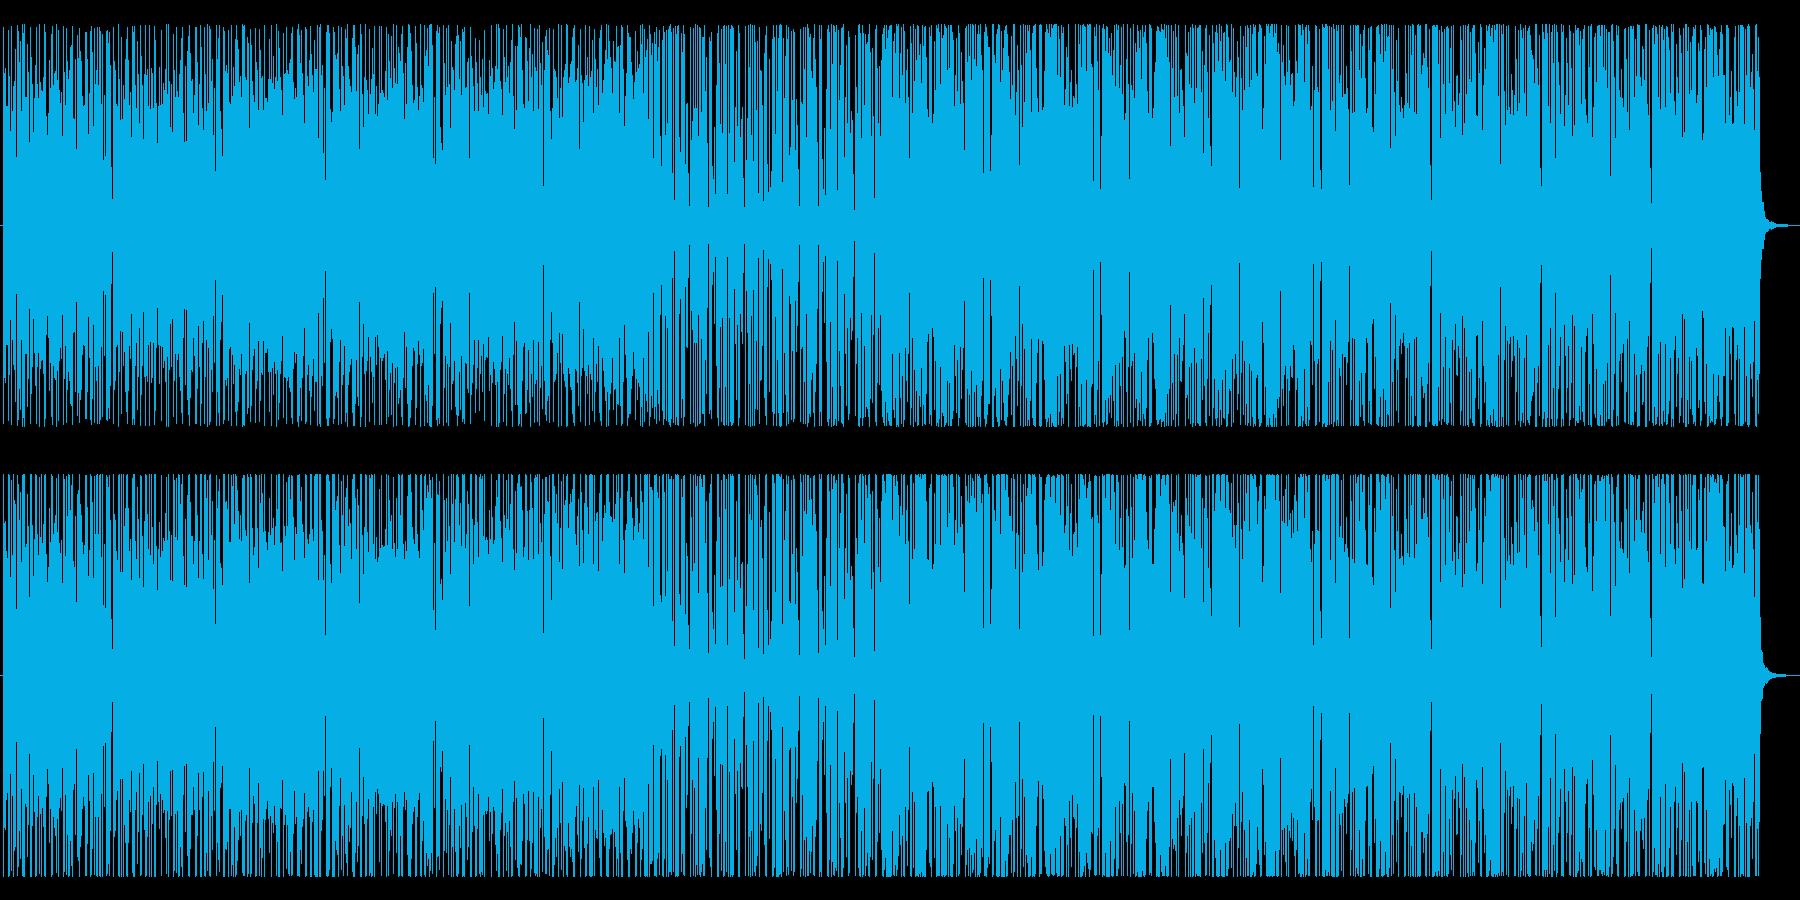 スペインをイメージしたマリアッチ風BGMの再生済みの波形